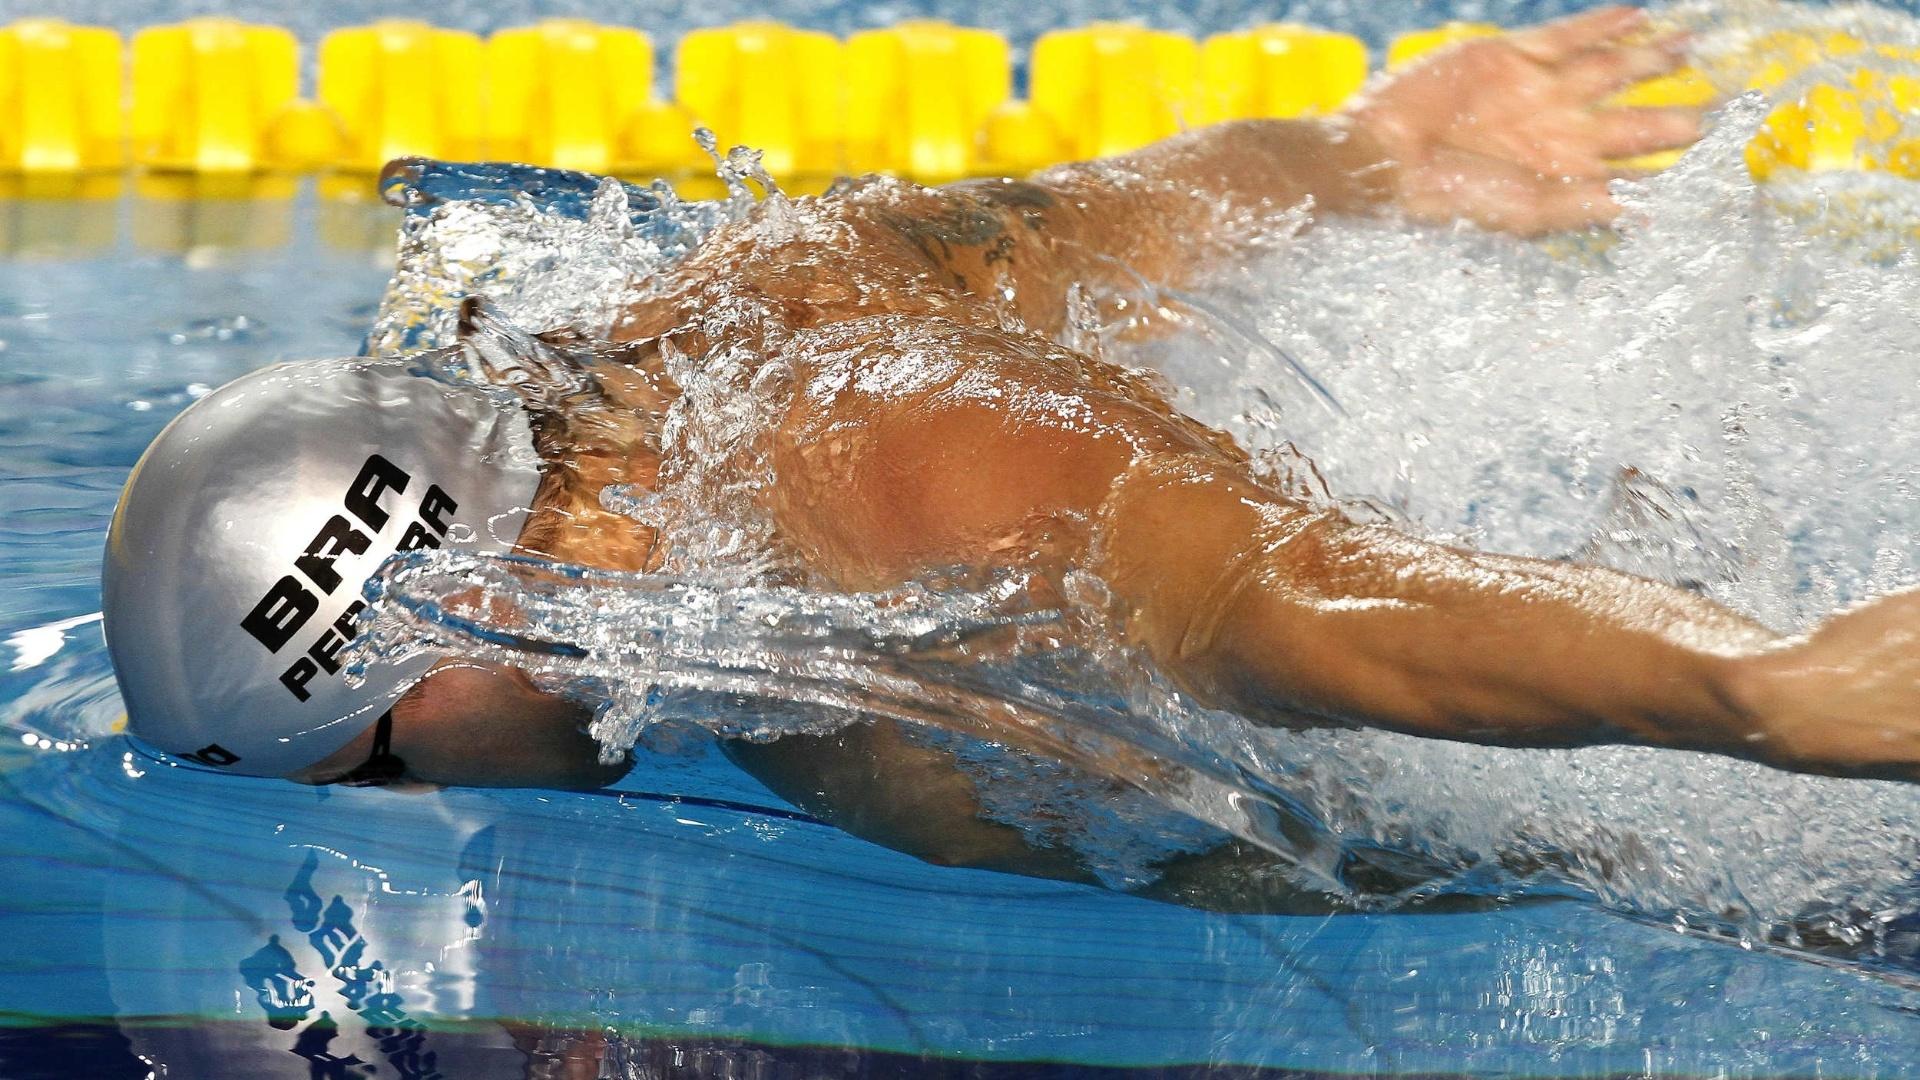 Thiago Pereira nada final dos 400m medley para conquistar a primeira medalha de ouro brasileira no Pan de Guadalajara (15/10/2011)